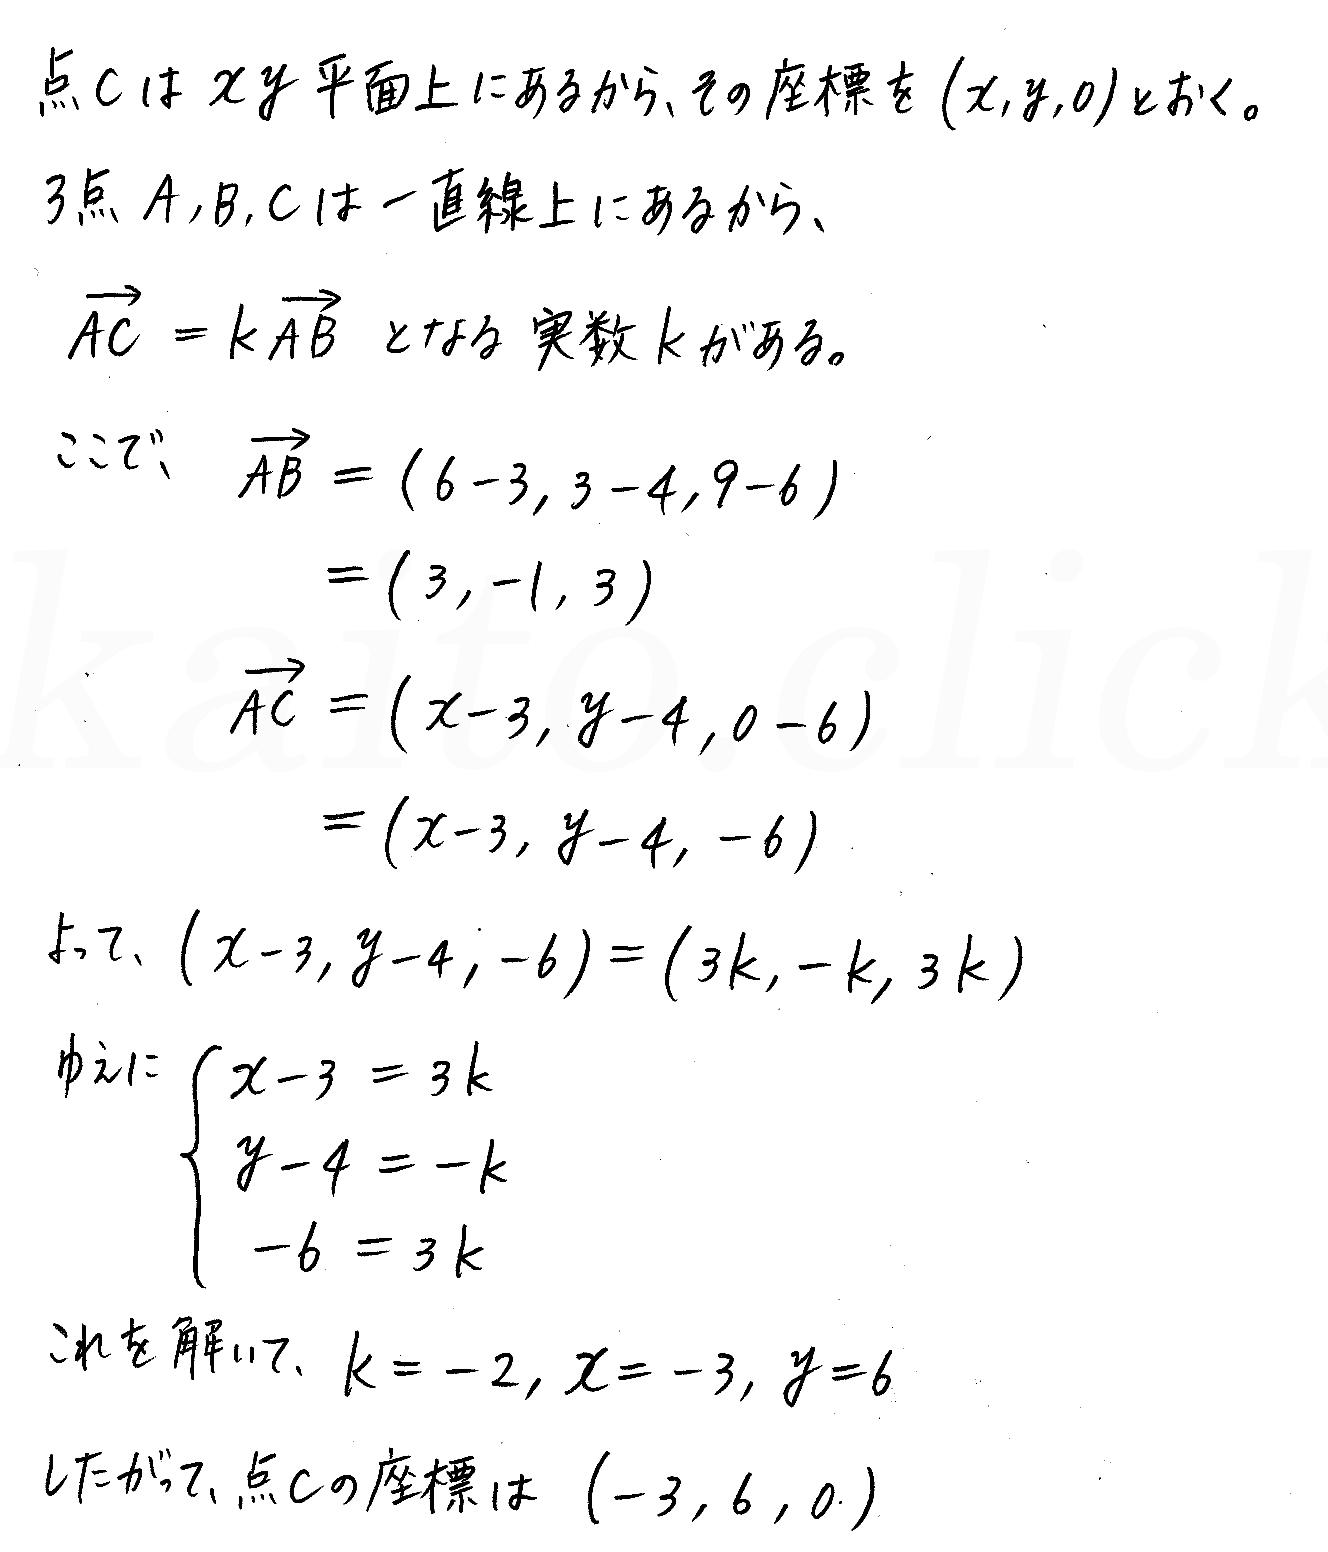 クリアー数学B-111解答